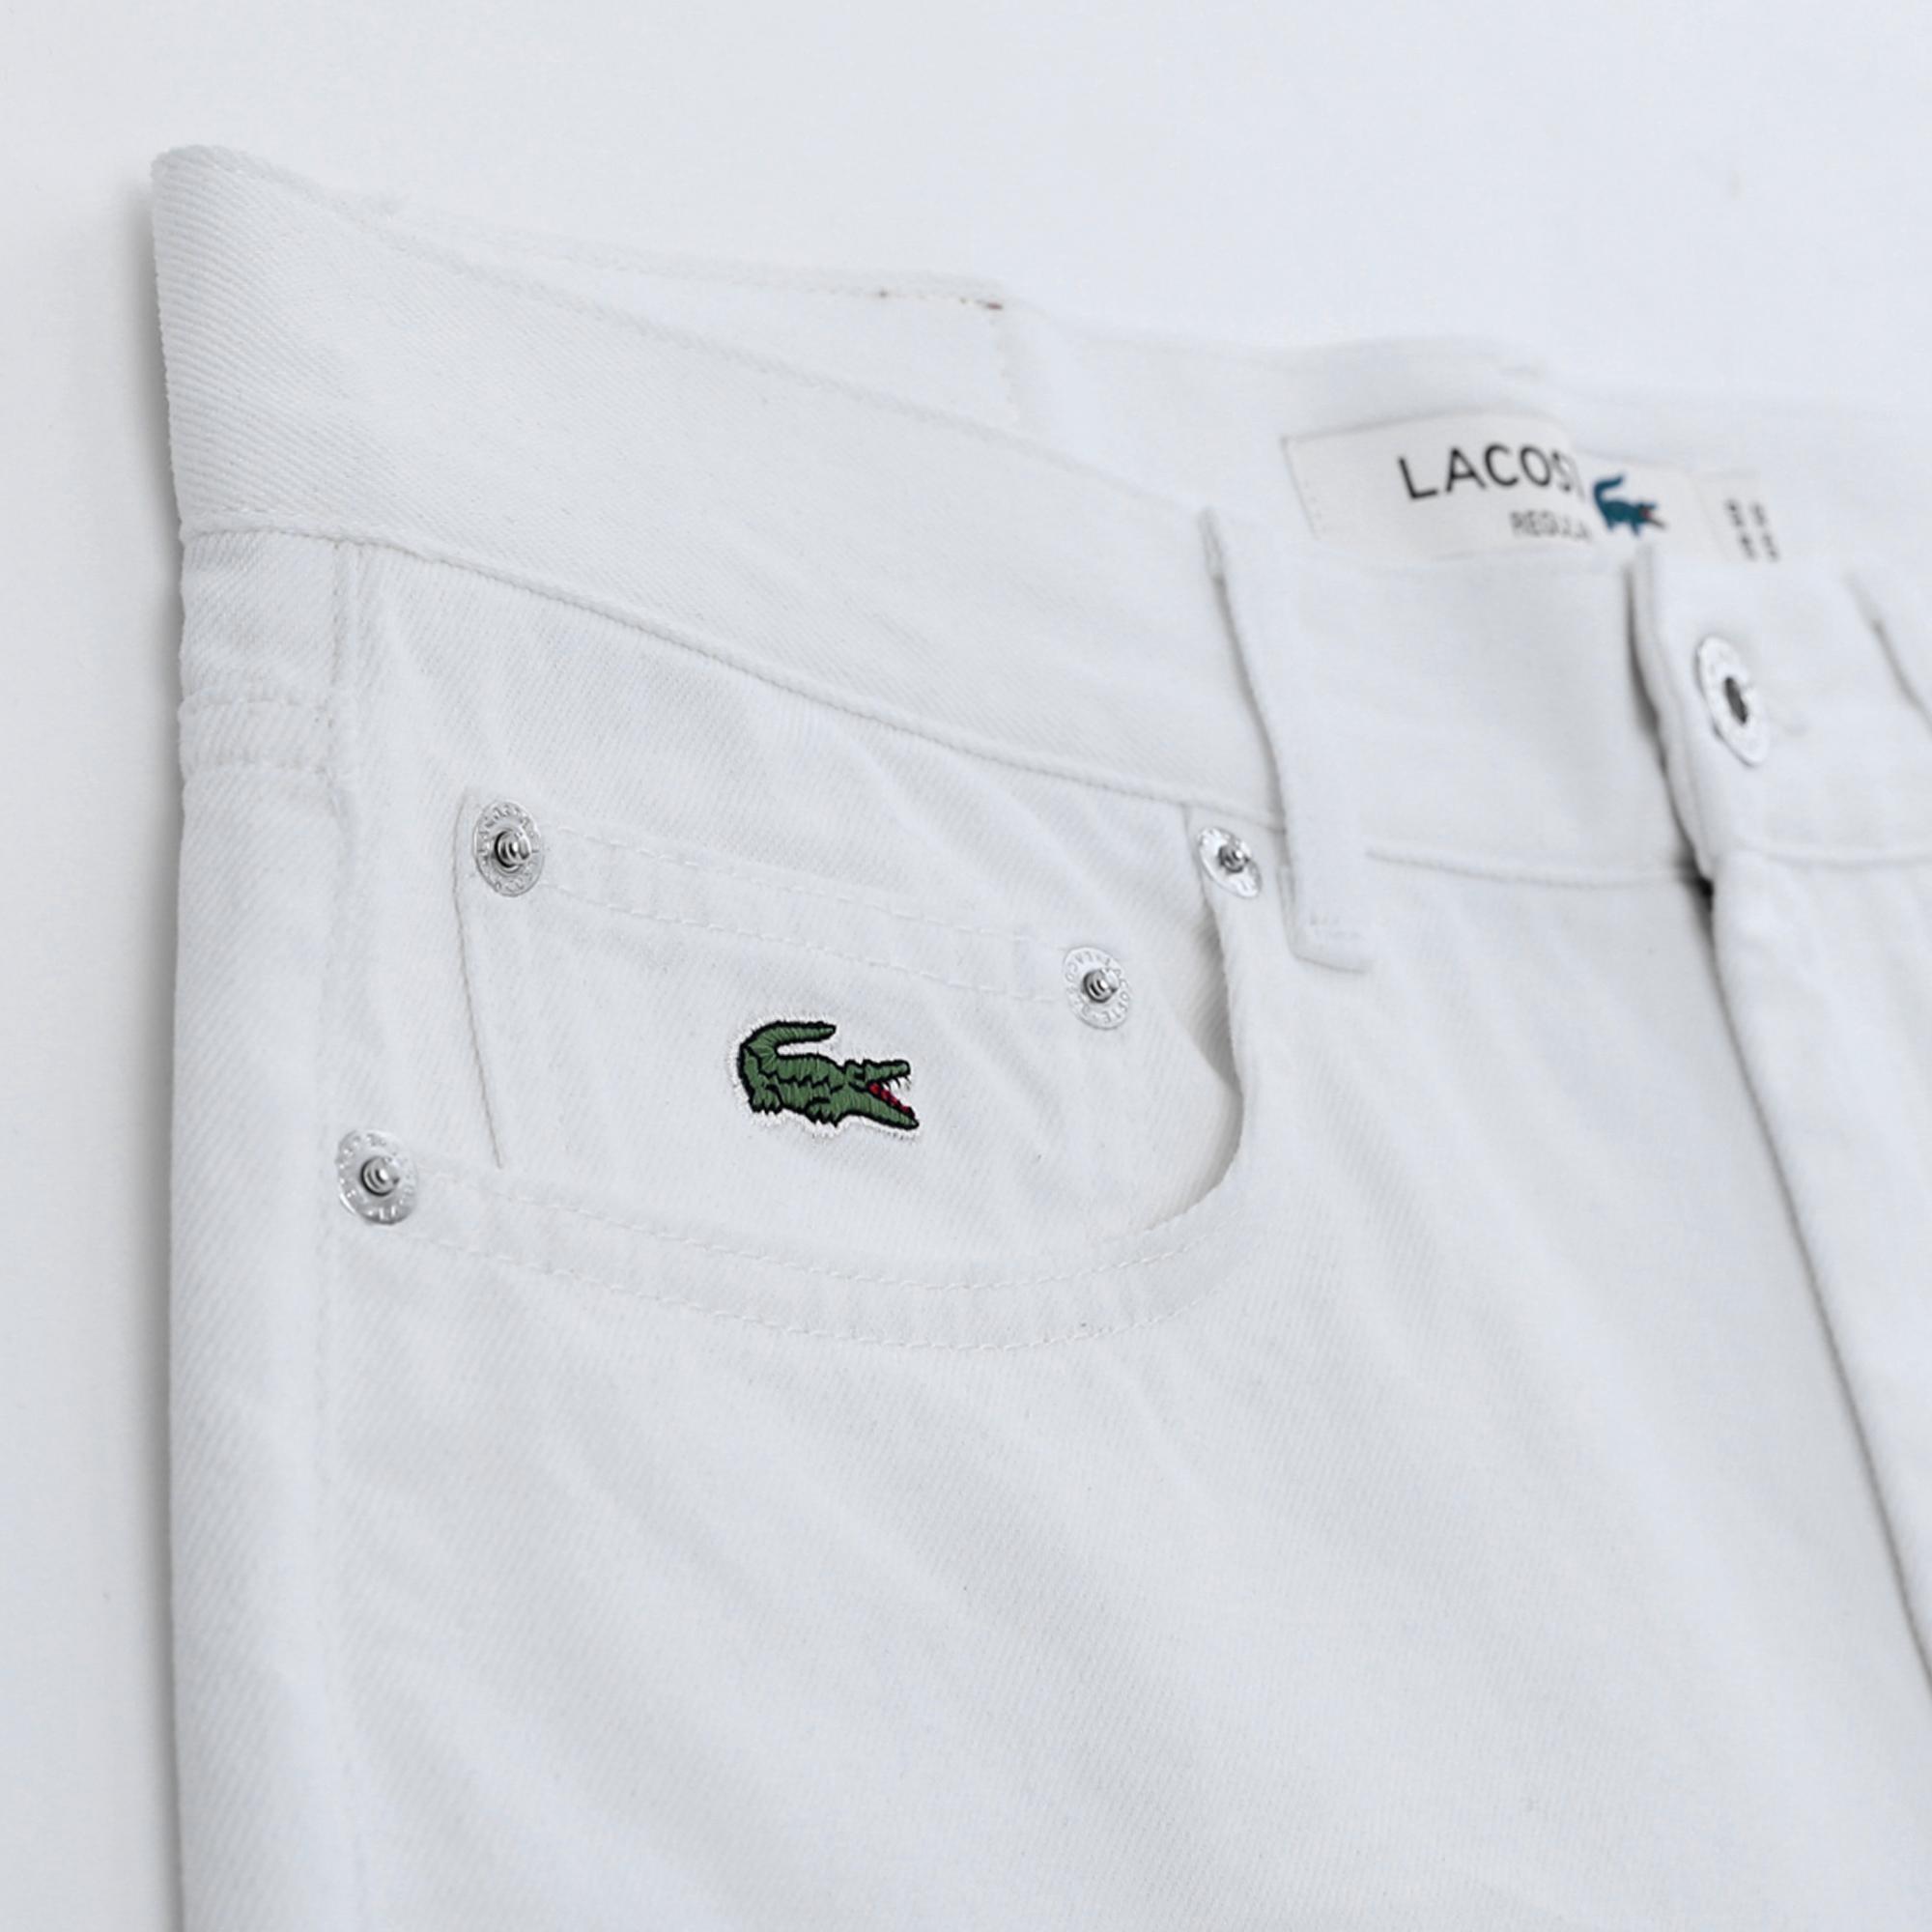 Lacoste Męskie Bermudy Jeansowe Regular Fit Z Pięcioma Kieszeniami